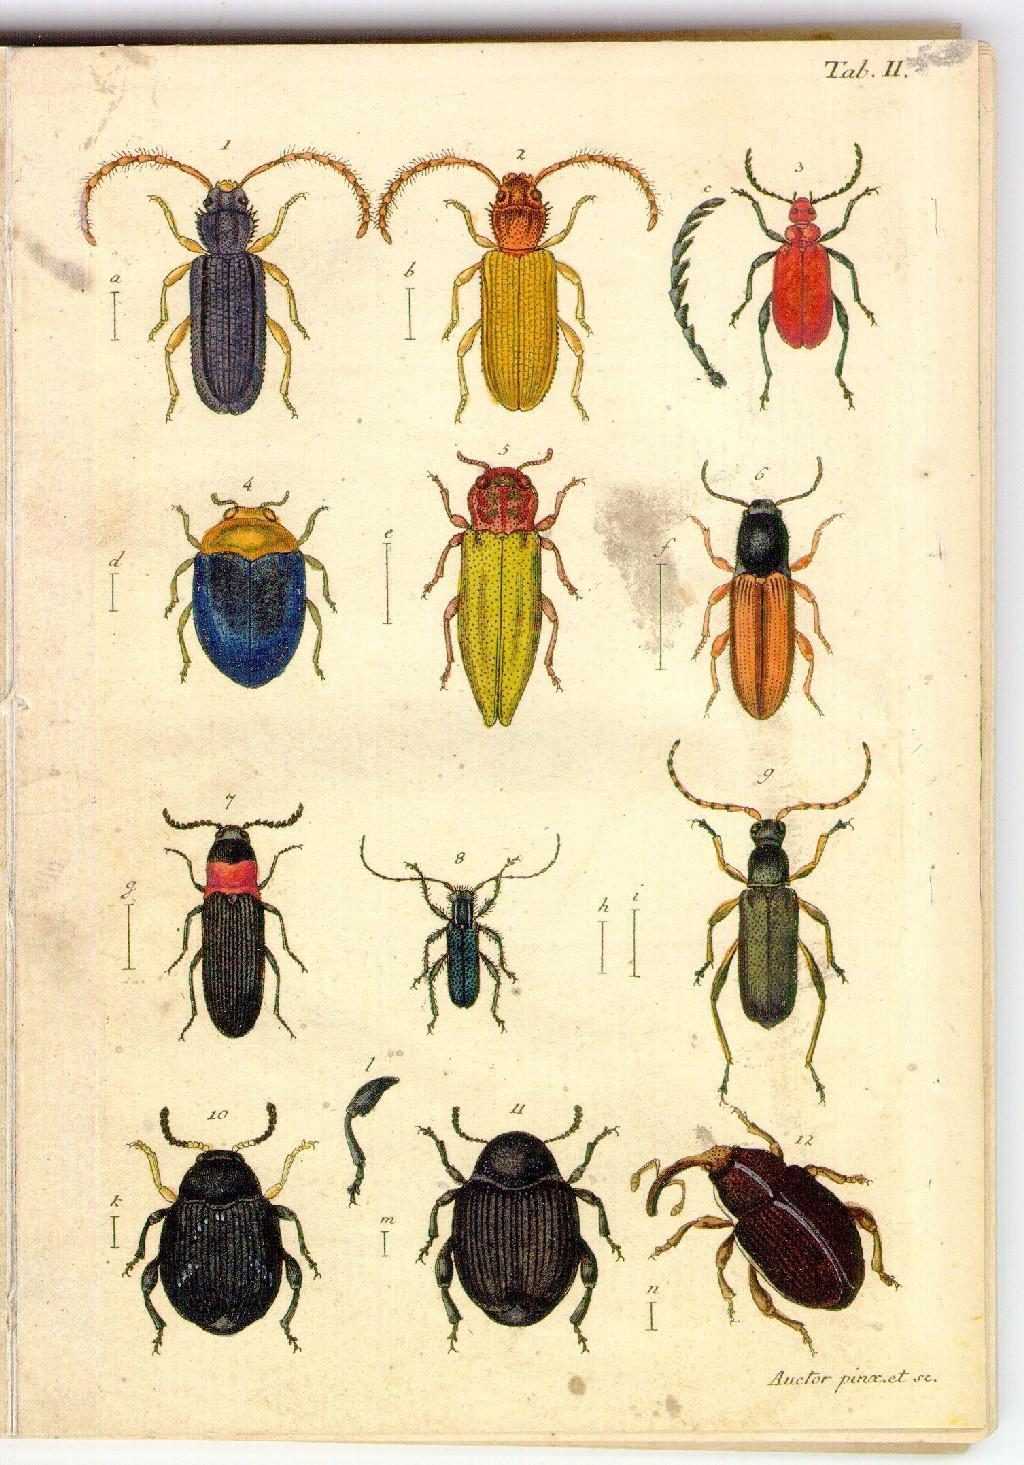 Illustrations of beetles,  Image number:sturm-tab-ii